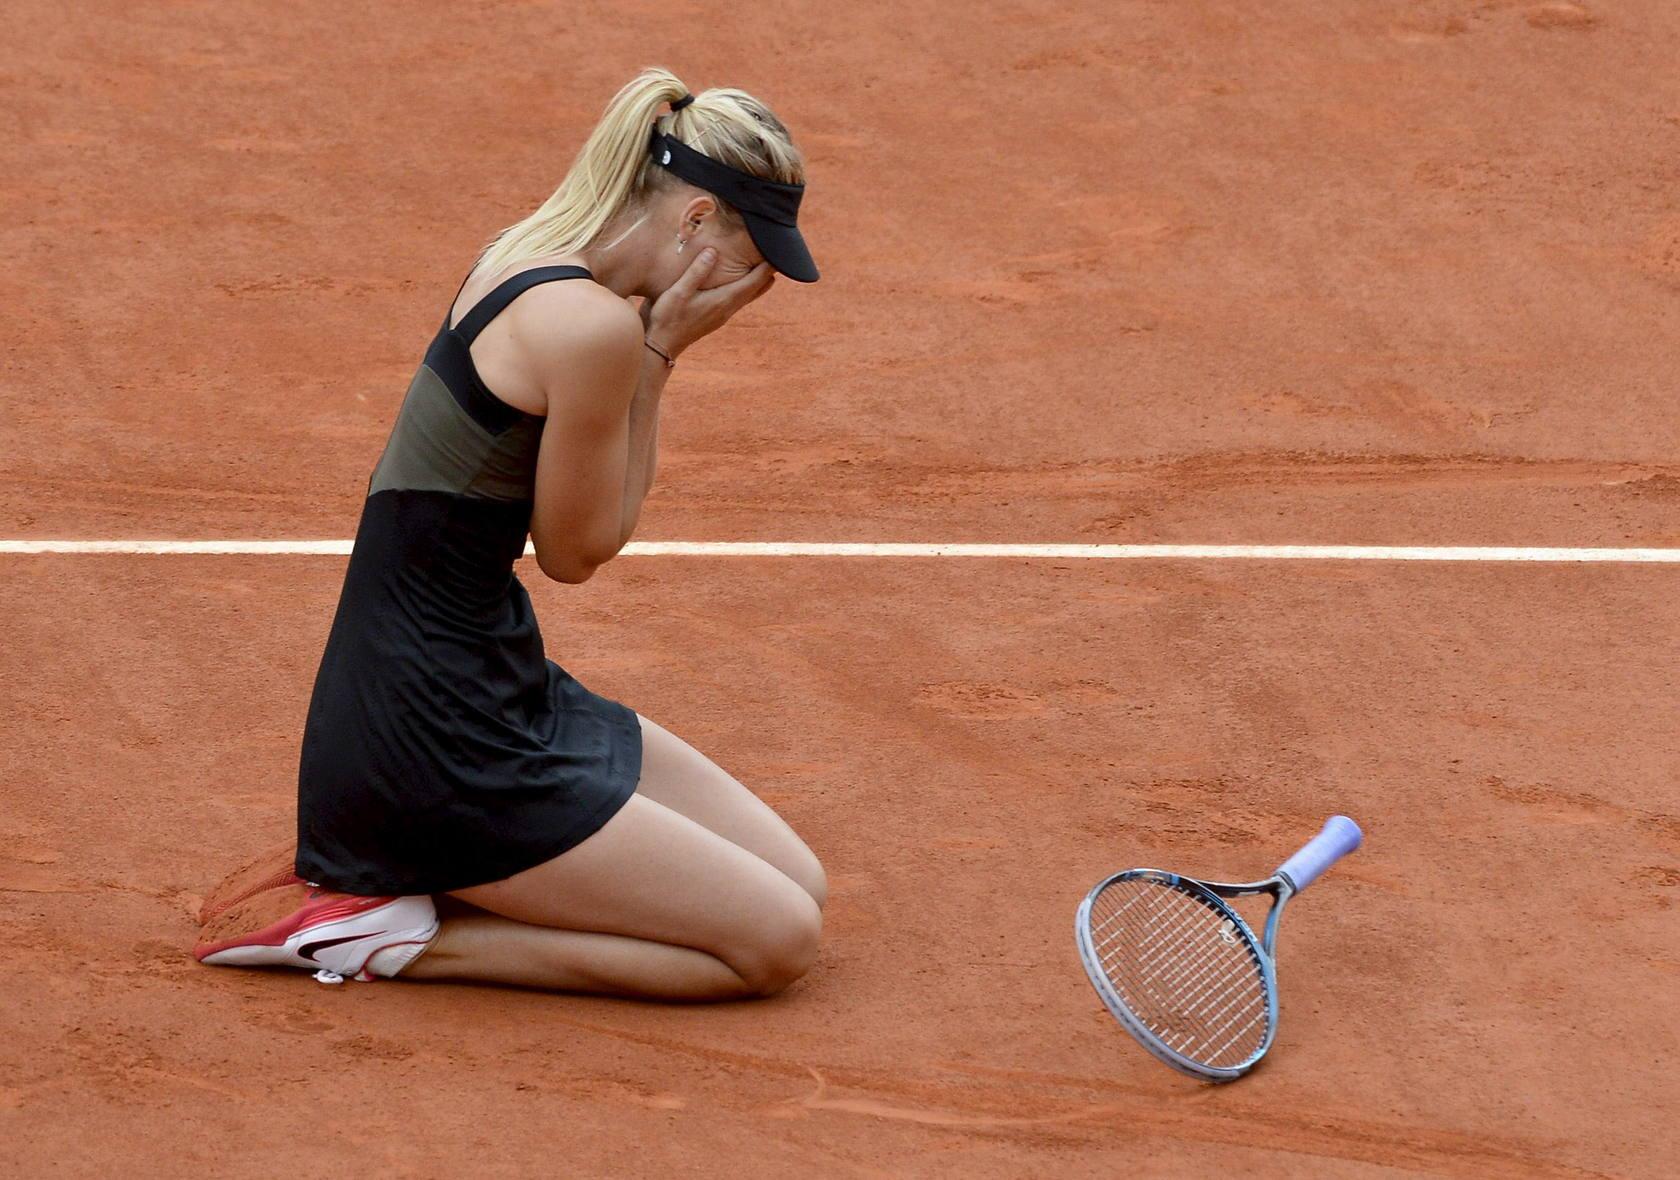 Sharapova derrota a Errani y logra su primer título en Roland Garros